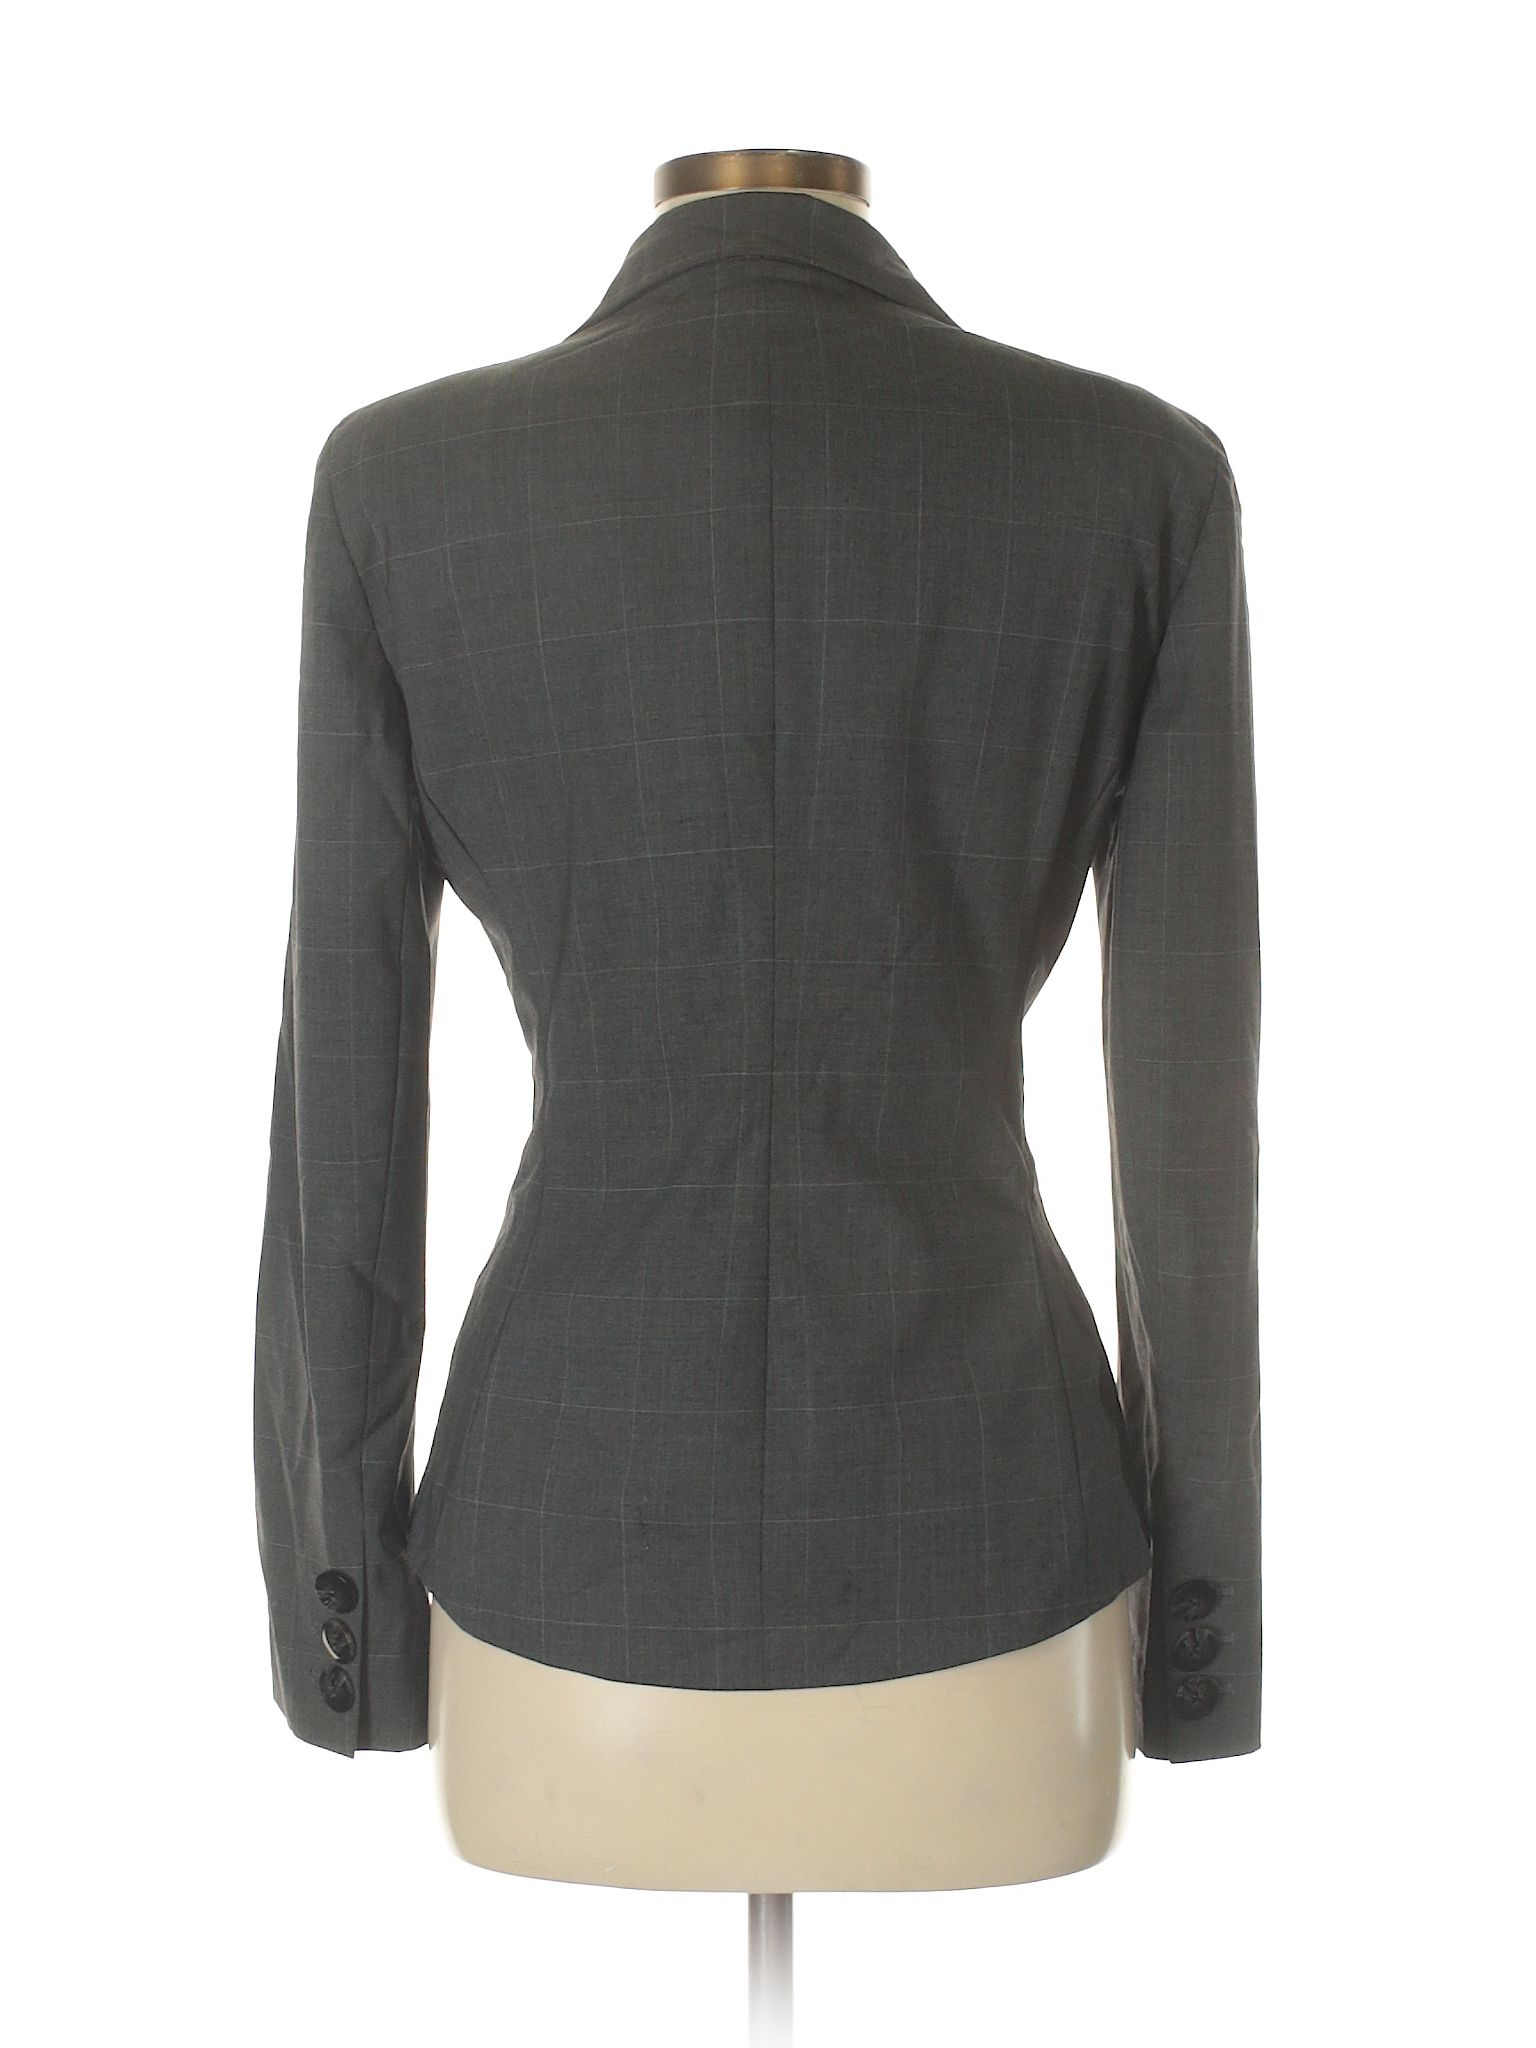 5729d8230f9f Lafayette 148 New York Wool Blazer: Gray Women's Jackets & Outerwear -  30660198